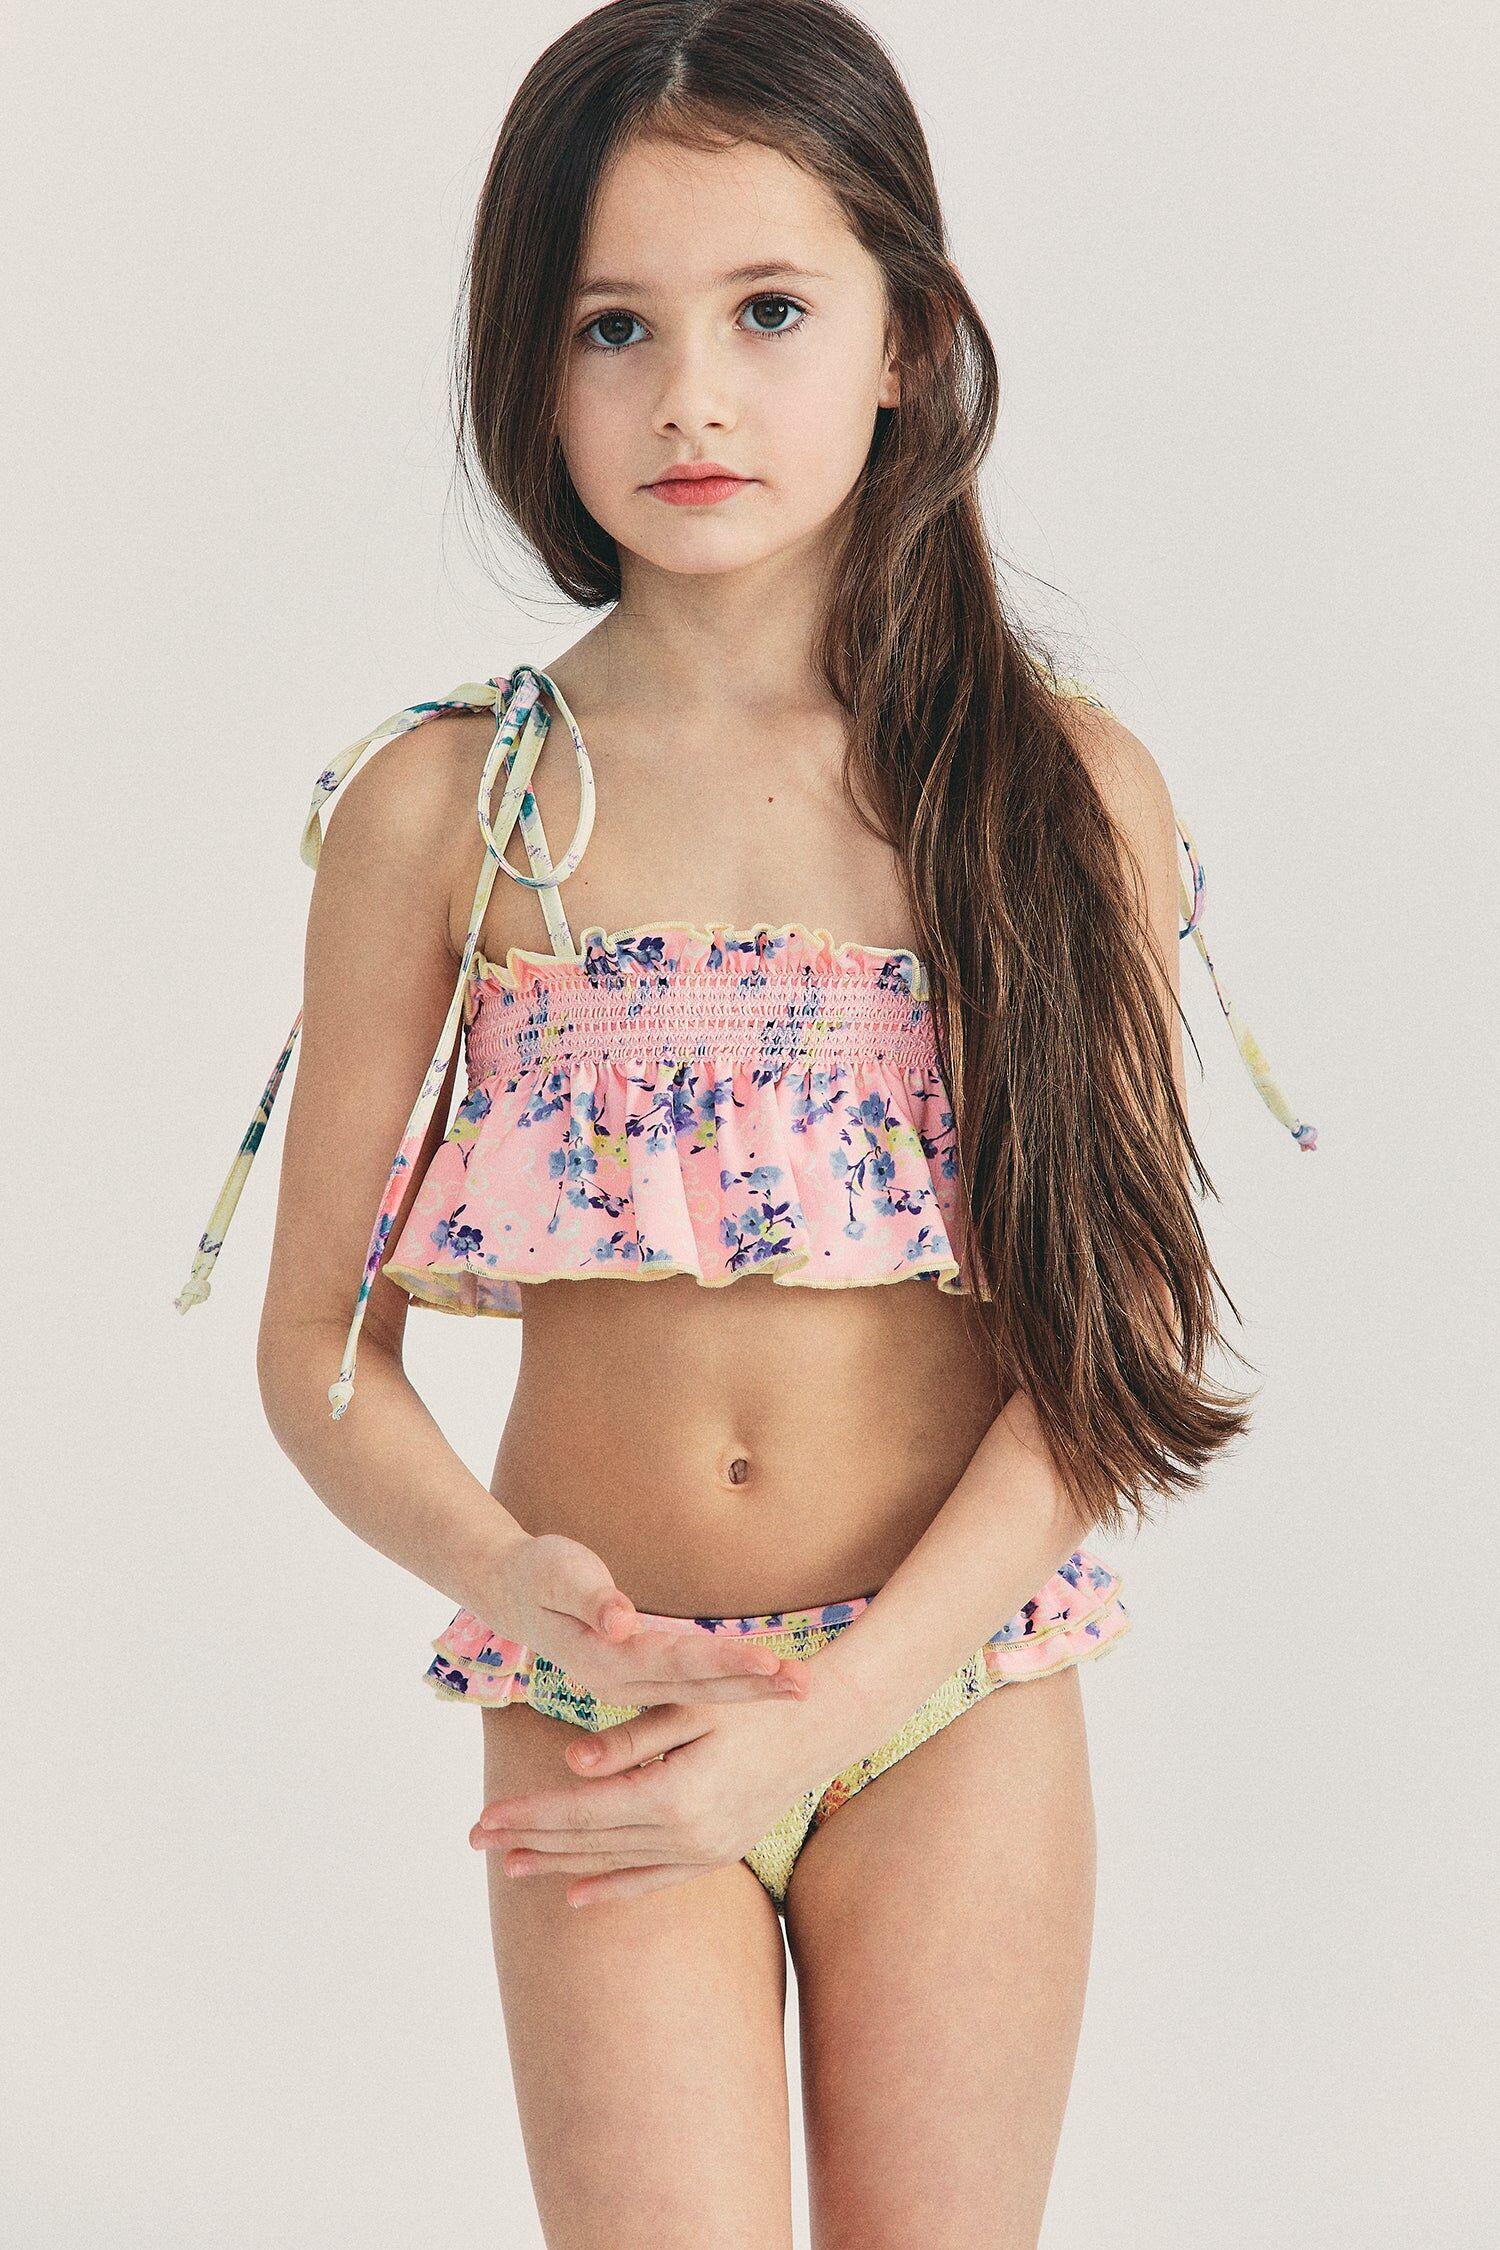 SHANGHAI FEI CHUAN IMP. & Women's Girls Peach Bikini Set